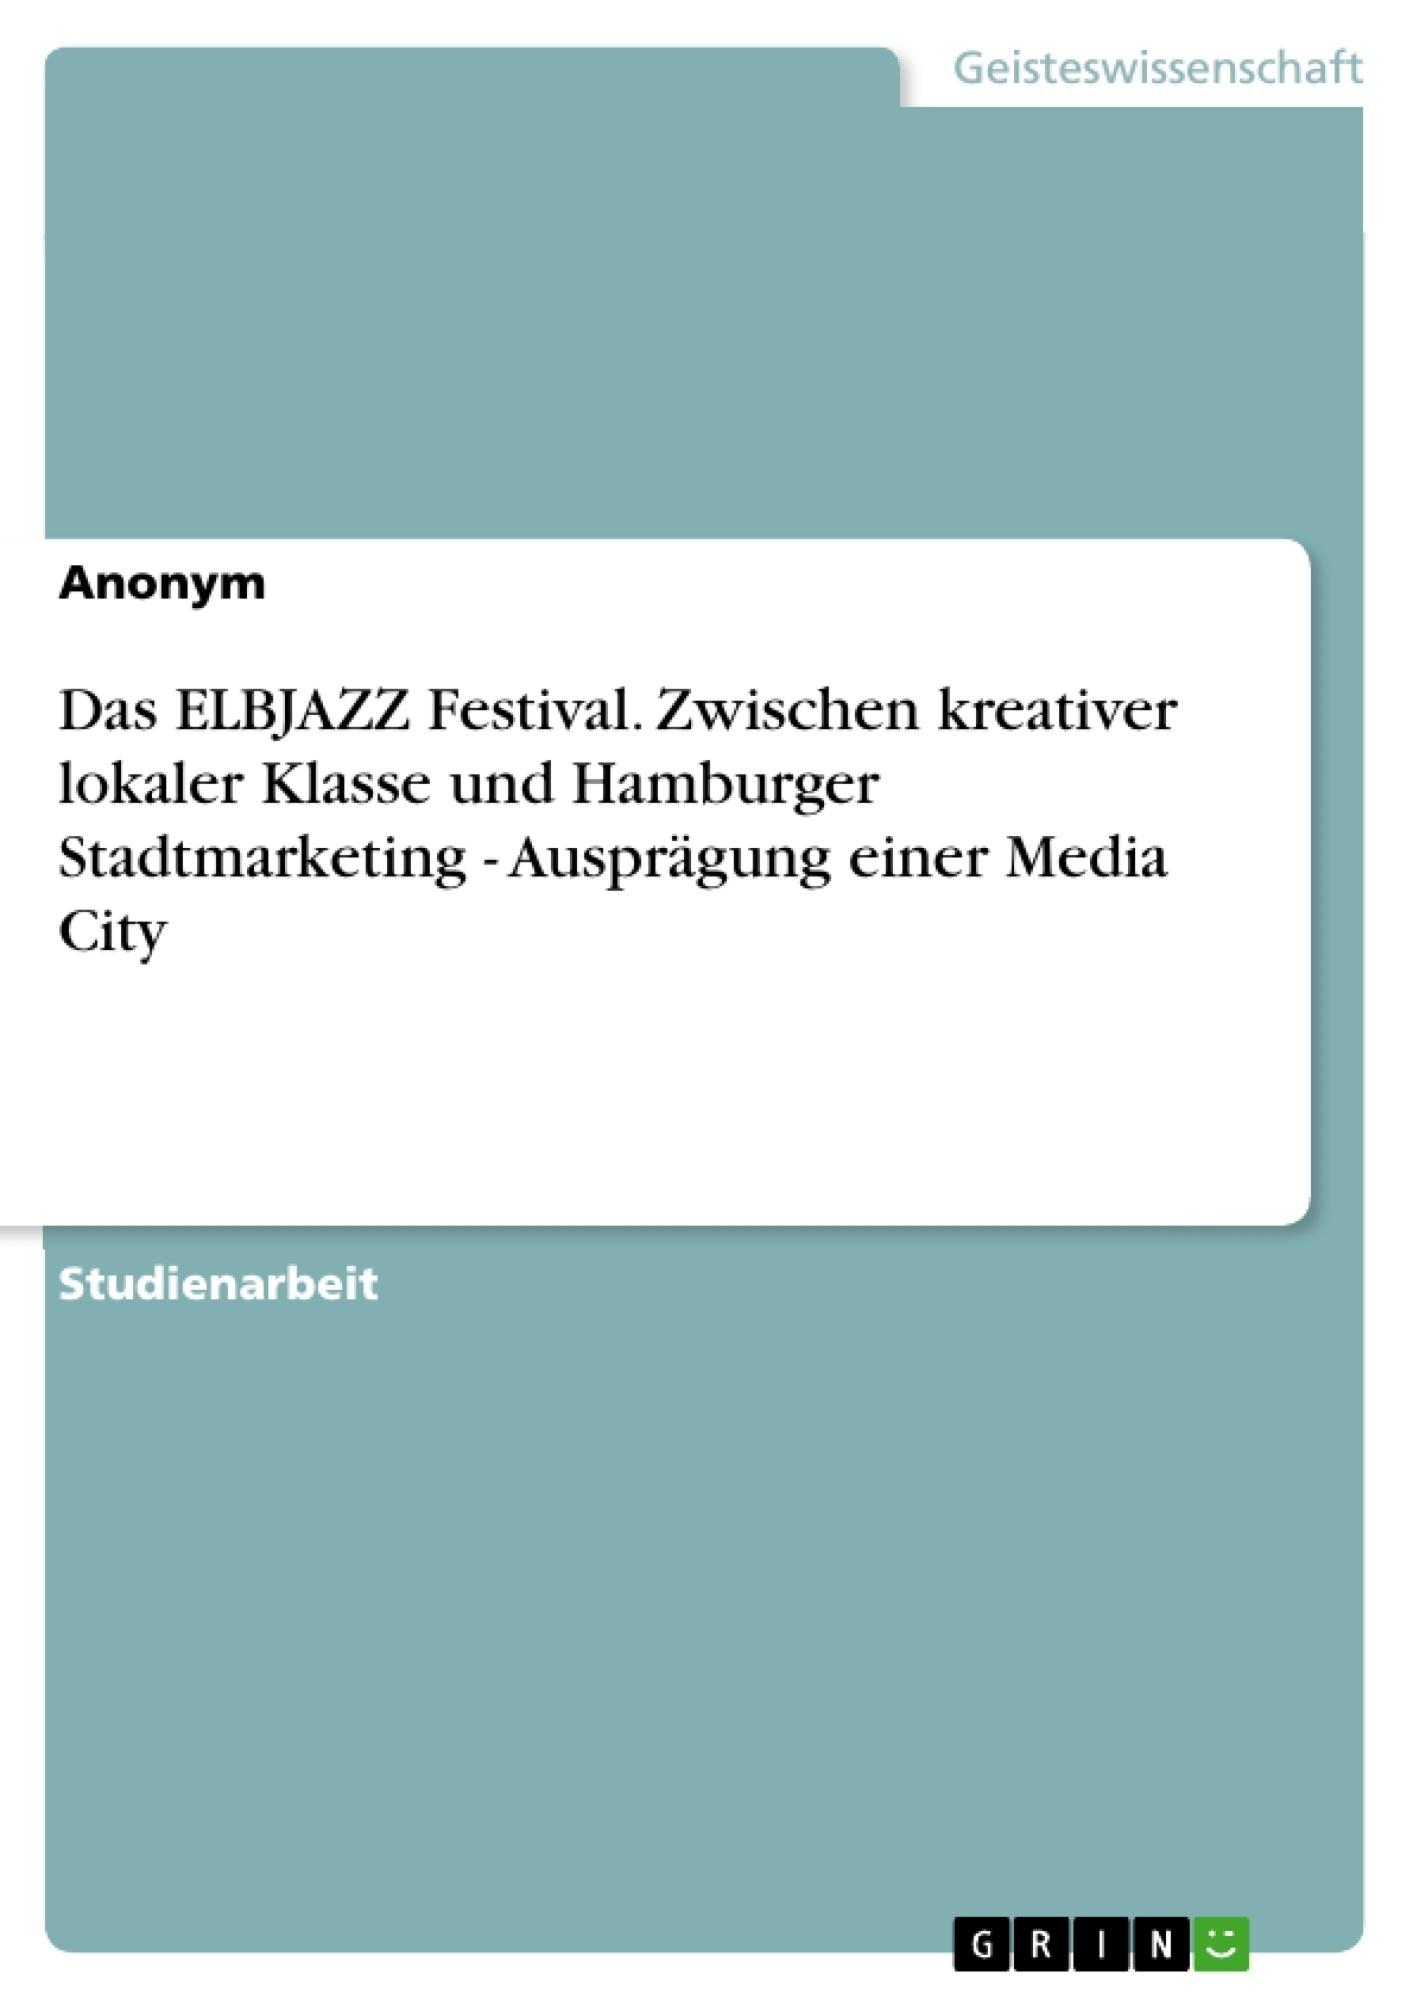 Titel: Das ELBJAZZ Festival. Zwischen kreativer lokaler Klasse und Hamburger Stadtmarketing - Ausprägung einer Media City